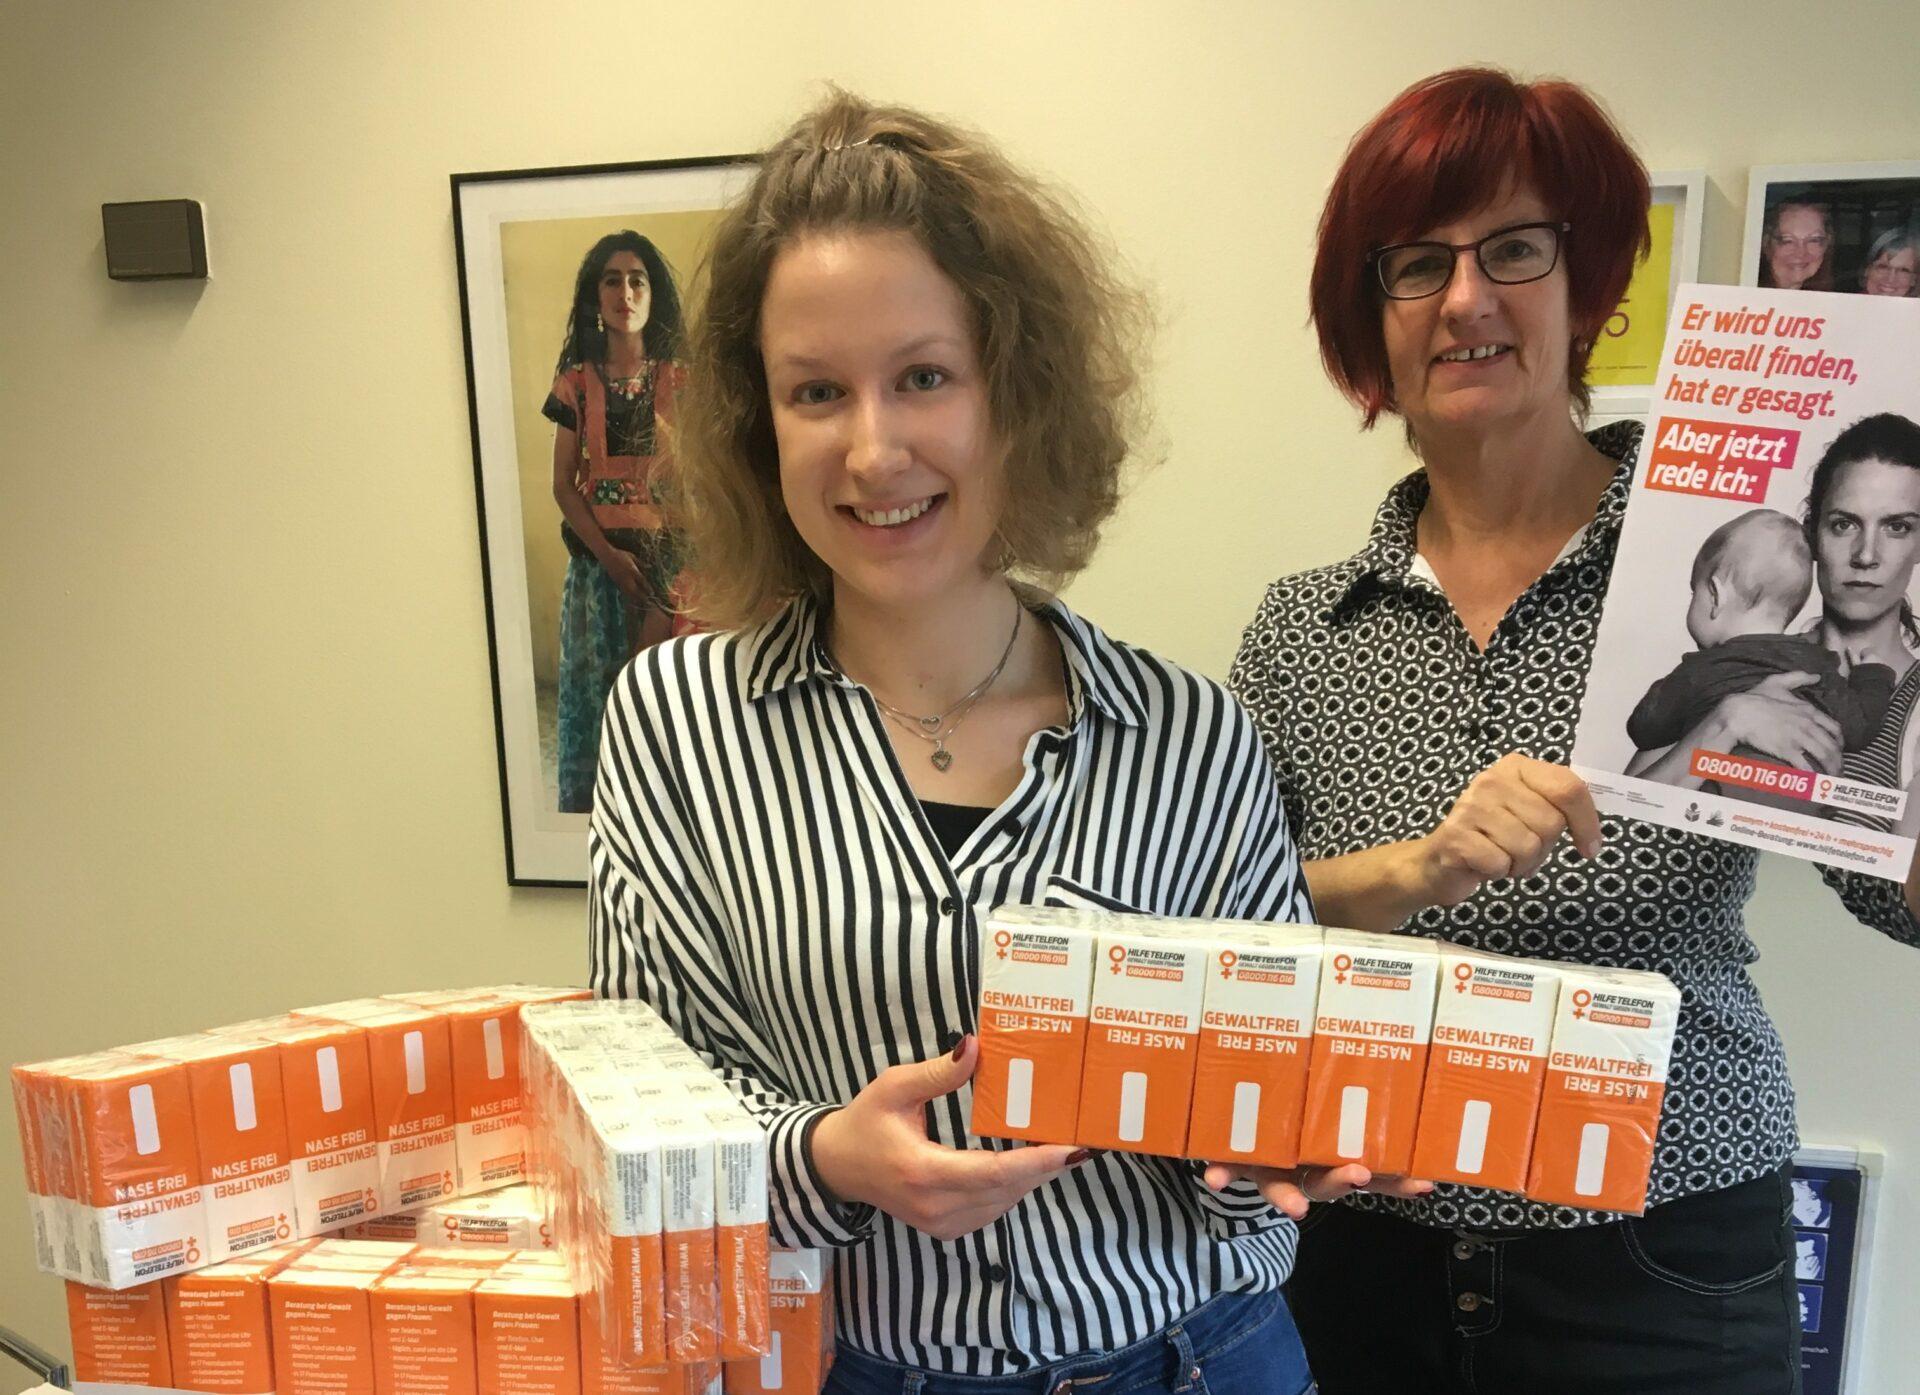 Praktikantin unterstützt das Hilfetelefon bei Gewalt gegen Frauen